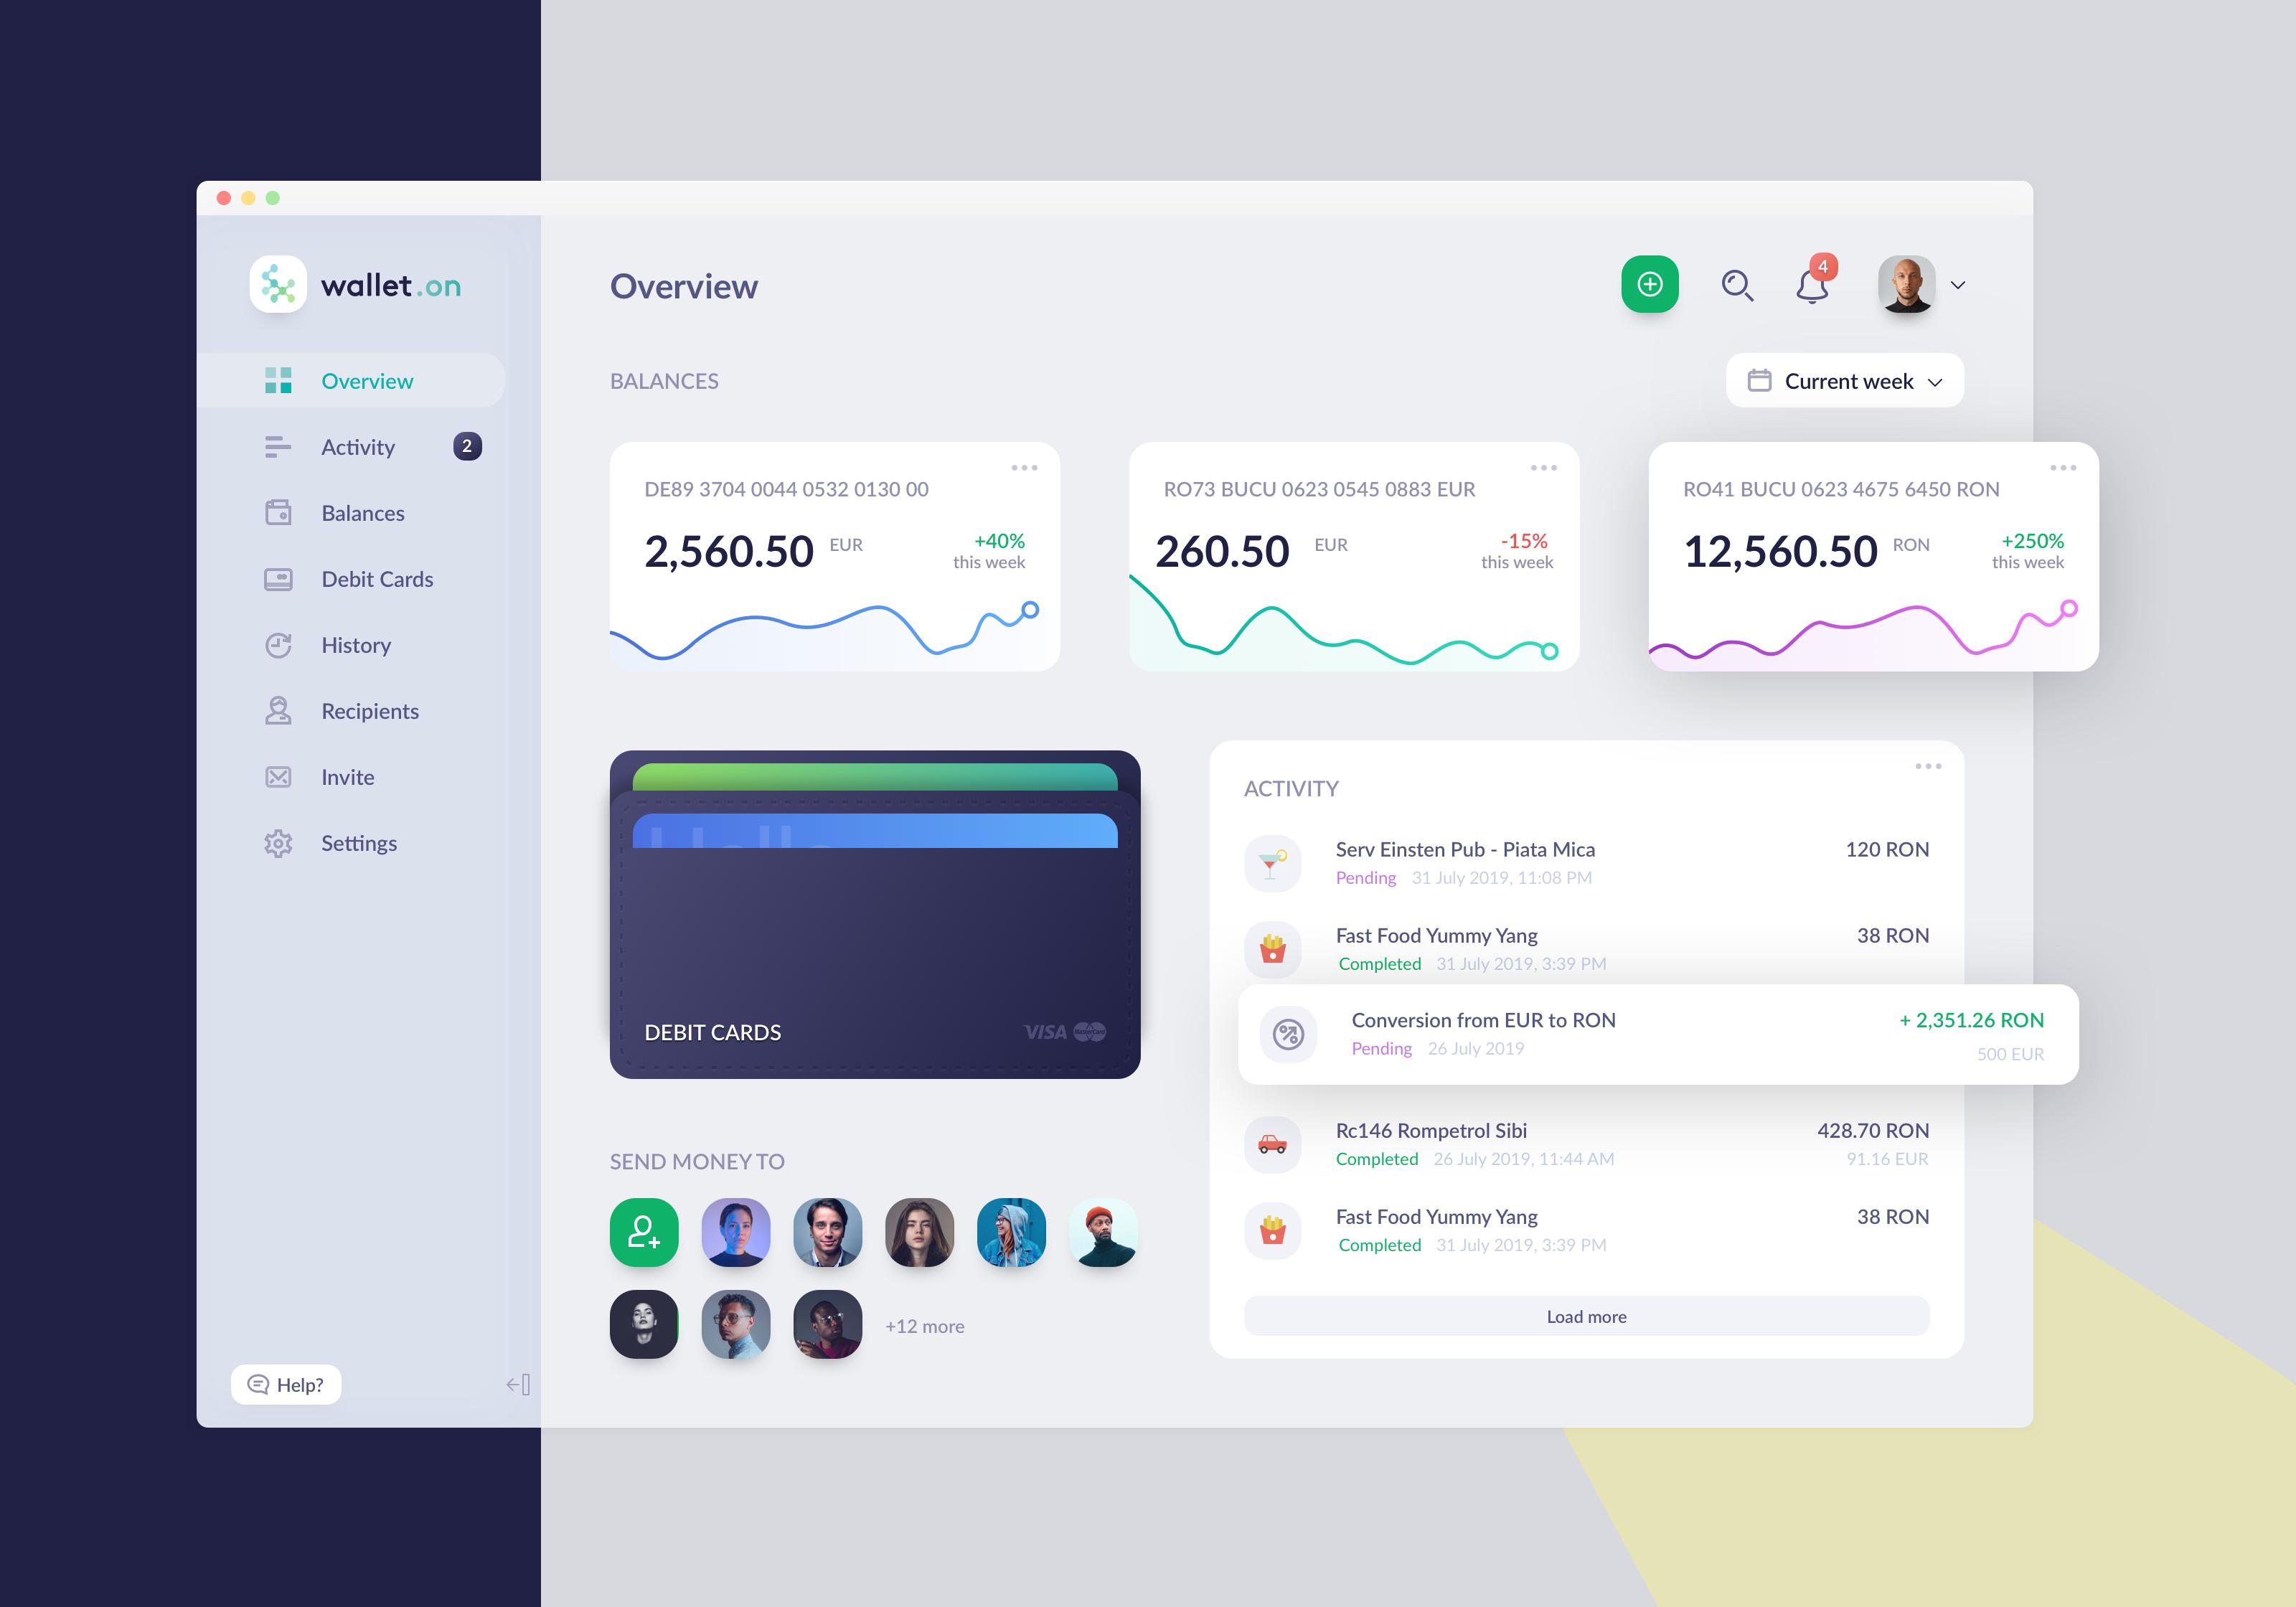 Wallet.on finance app